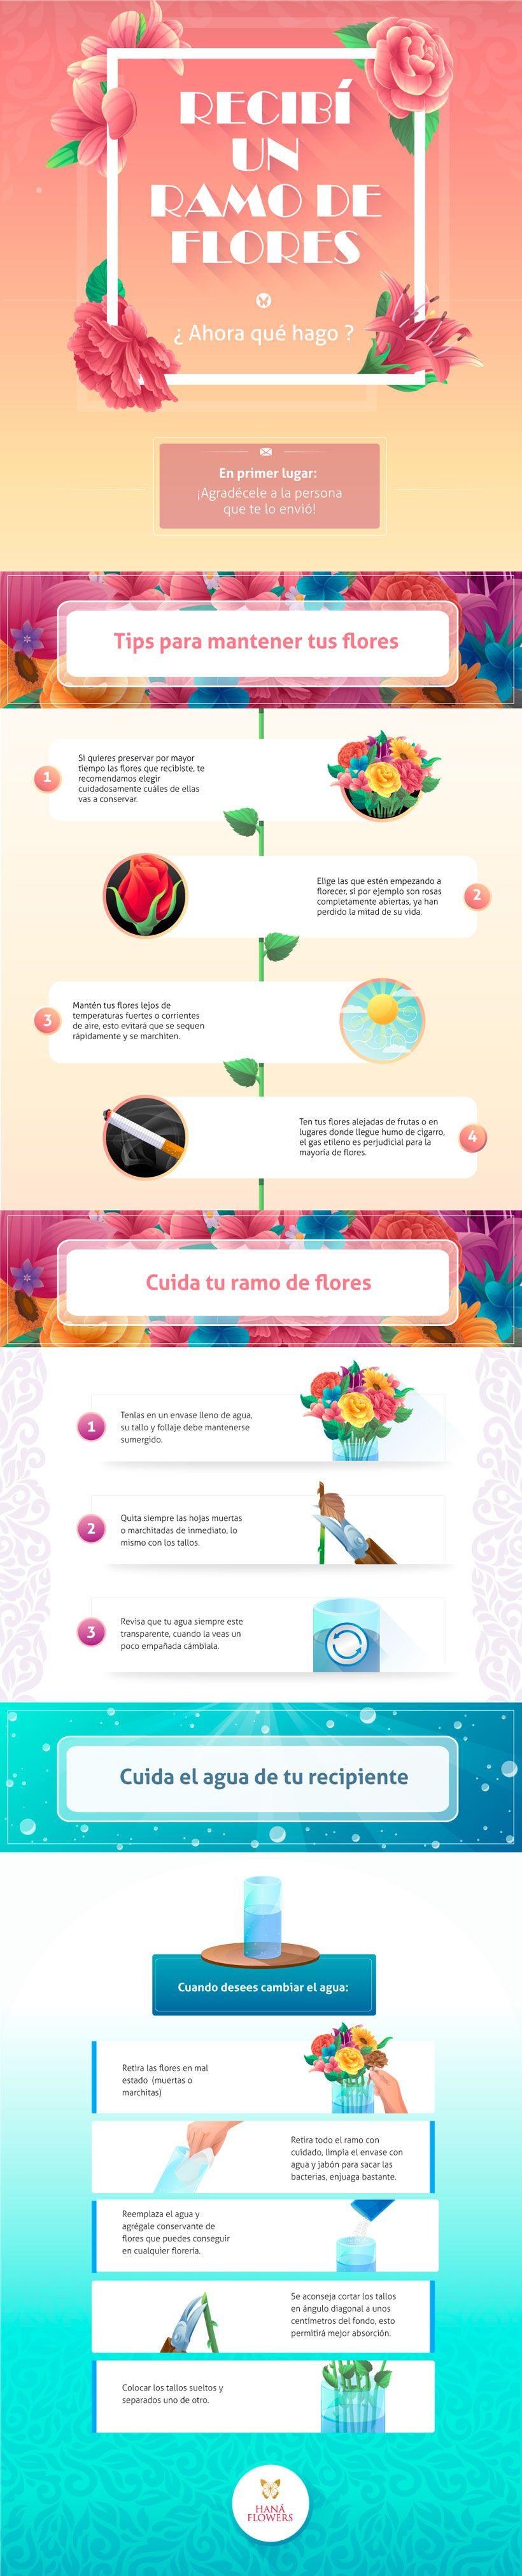 Infografía con consejos para conservar un ramo de flores